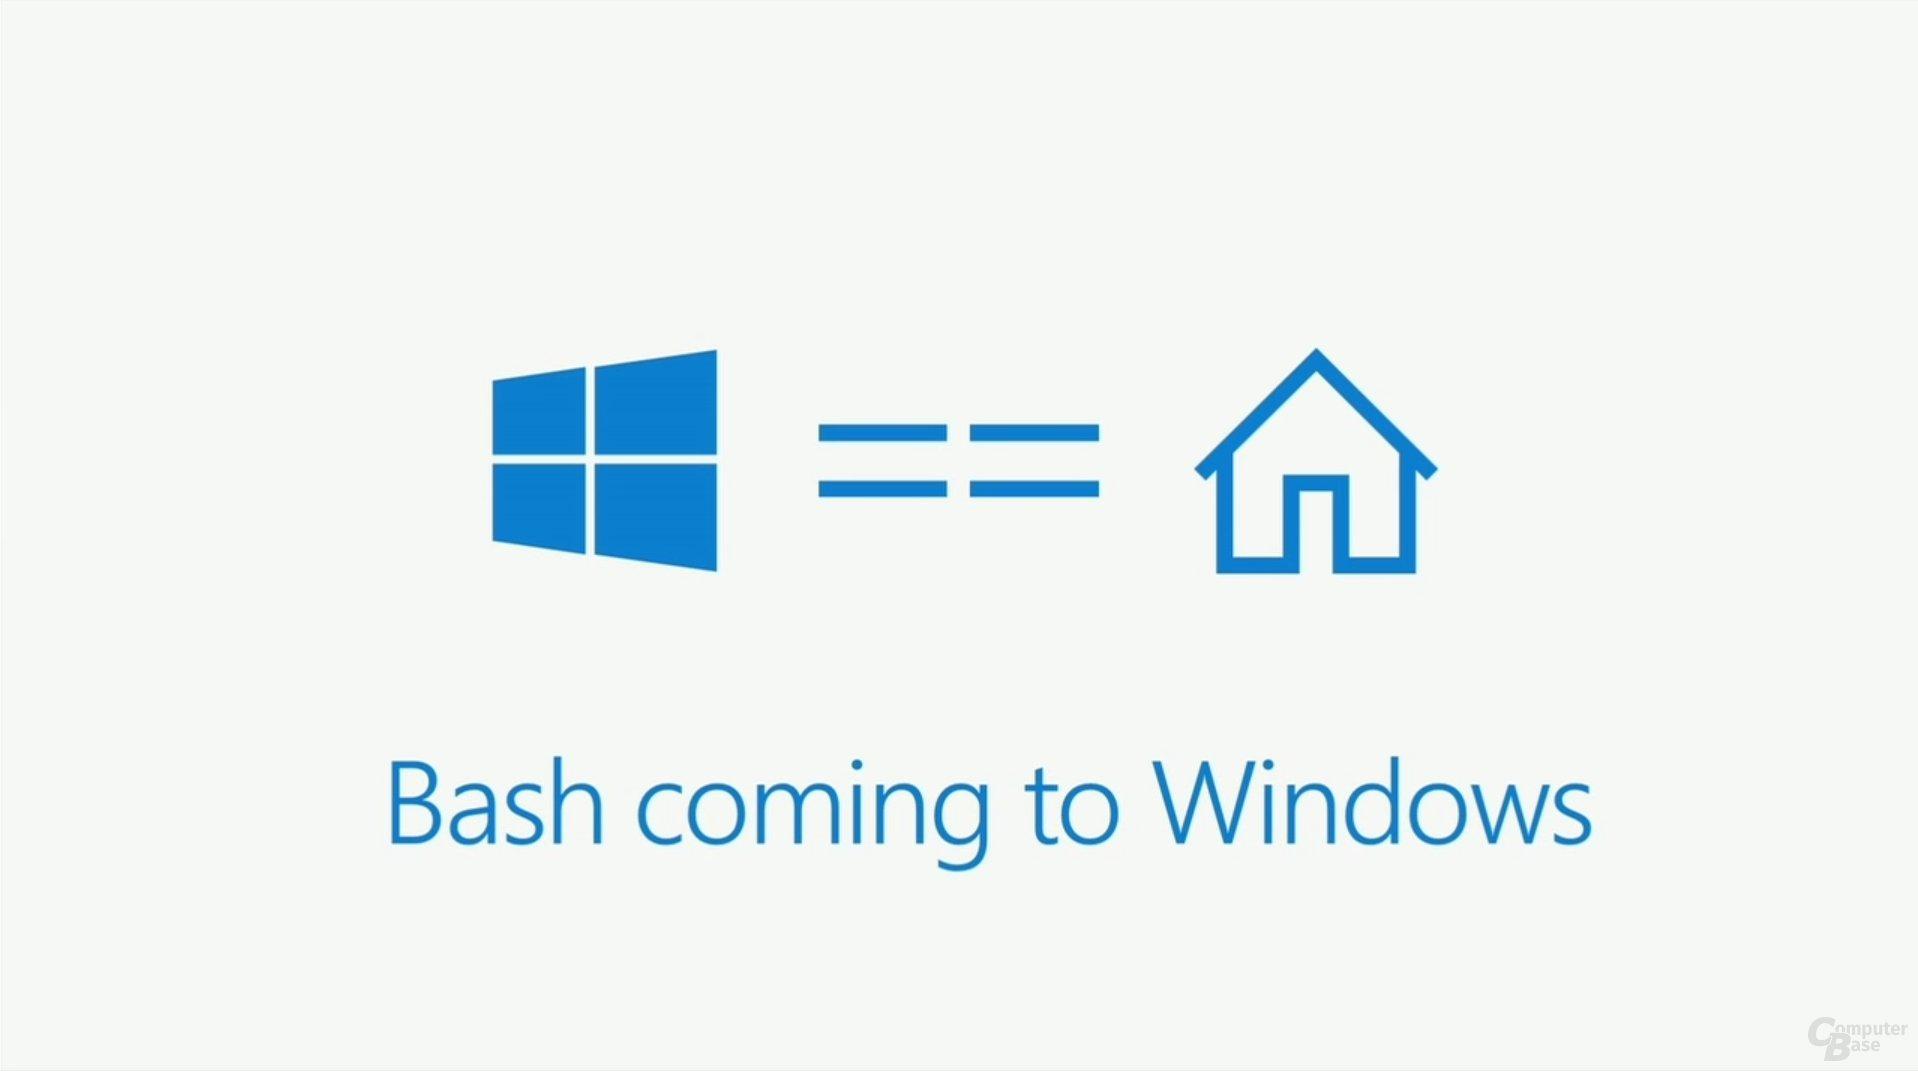 Bash für Windows